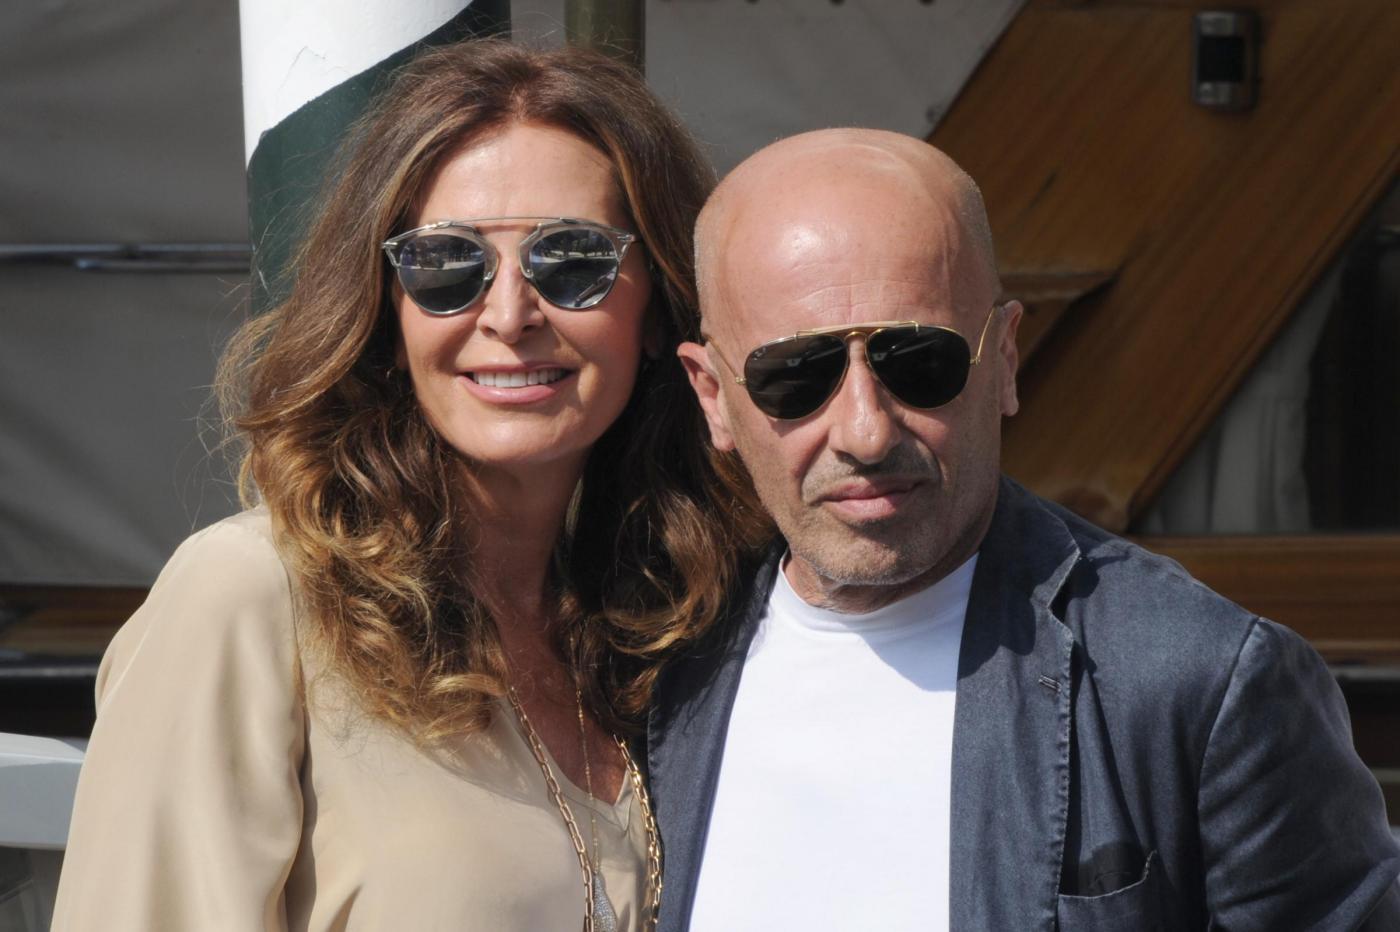 71esima Mostra del Cinema di Venezia, Daniela Santanchè e Alessandro Sallusti arrivano alla darsena